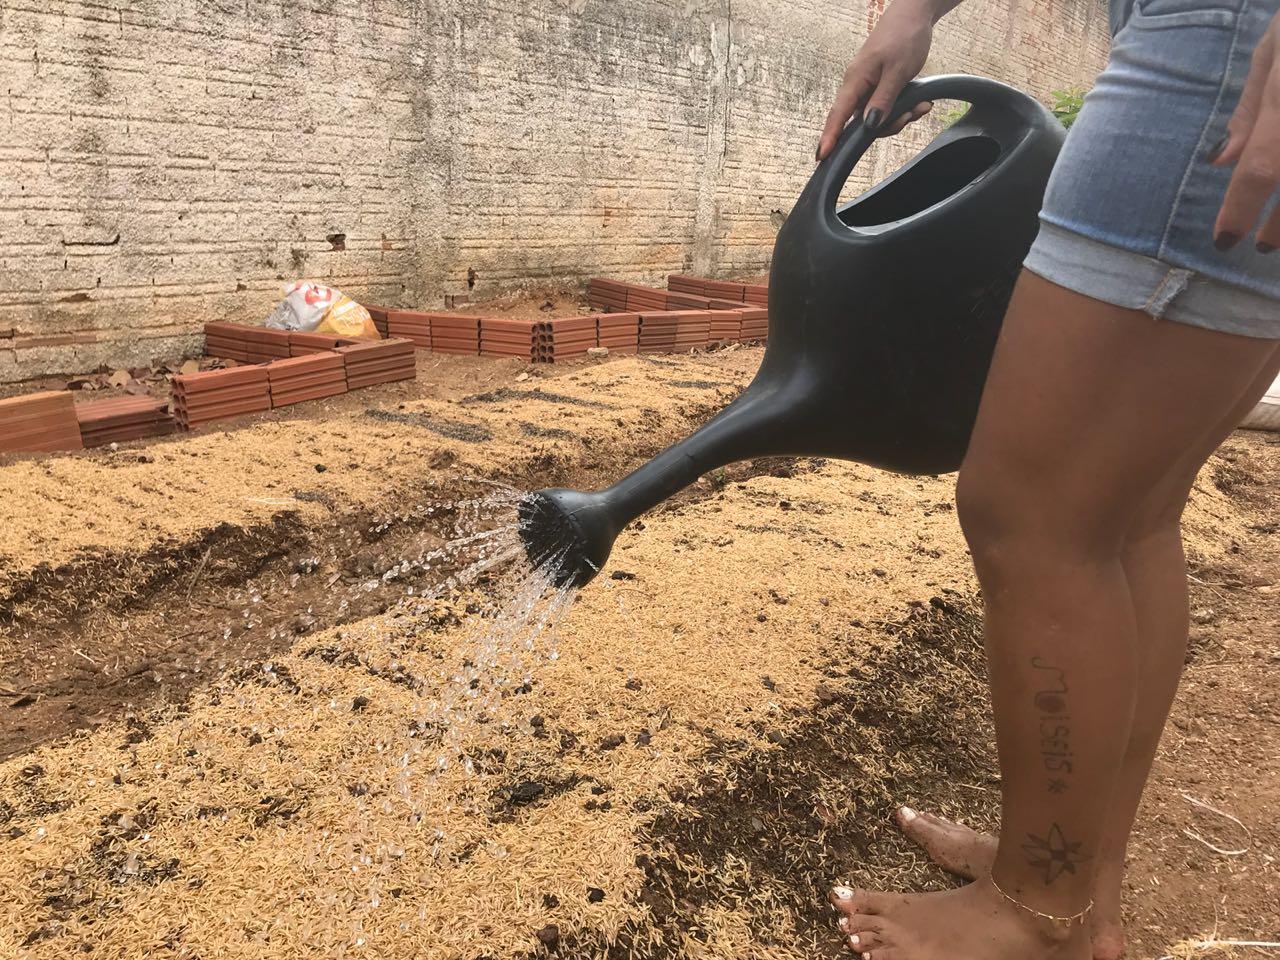 Cultivo de hortaliças vai proporcionar trabalho e aprendizado para internas do regime fechado